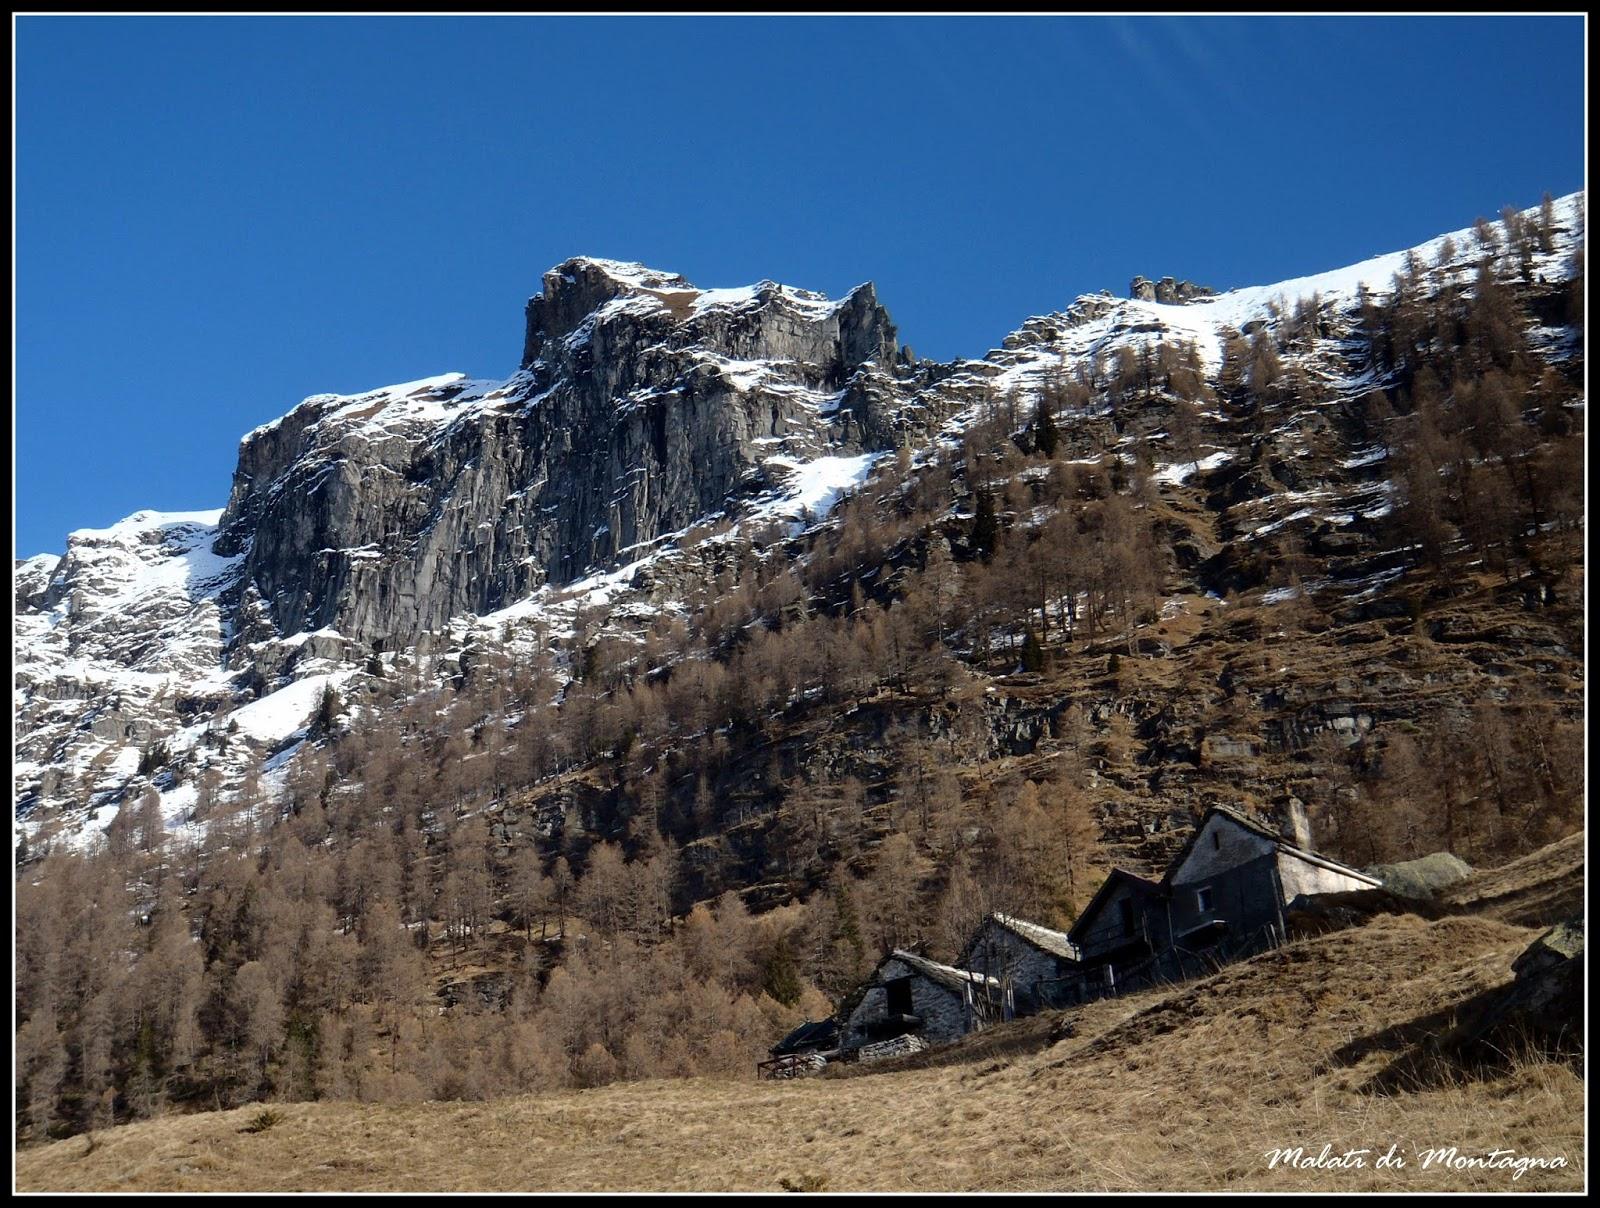 Malati di montagna con tanti amici al rifugio crosta - Riscaldare velocemente casa montagna ...